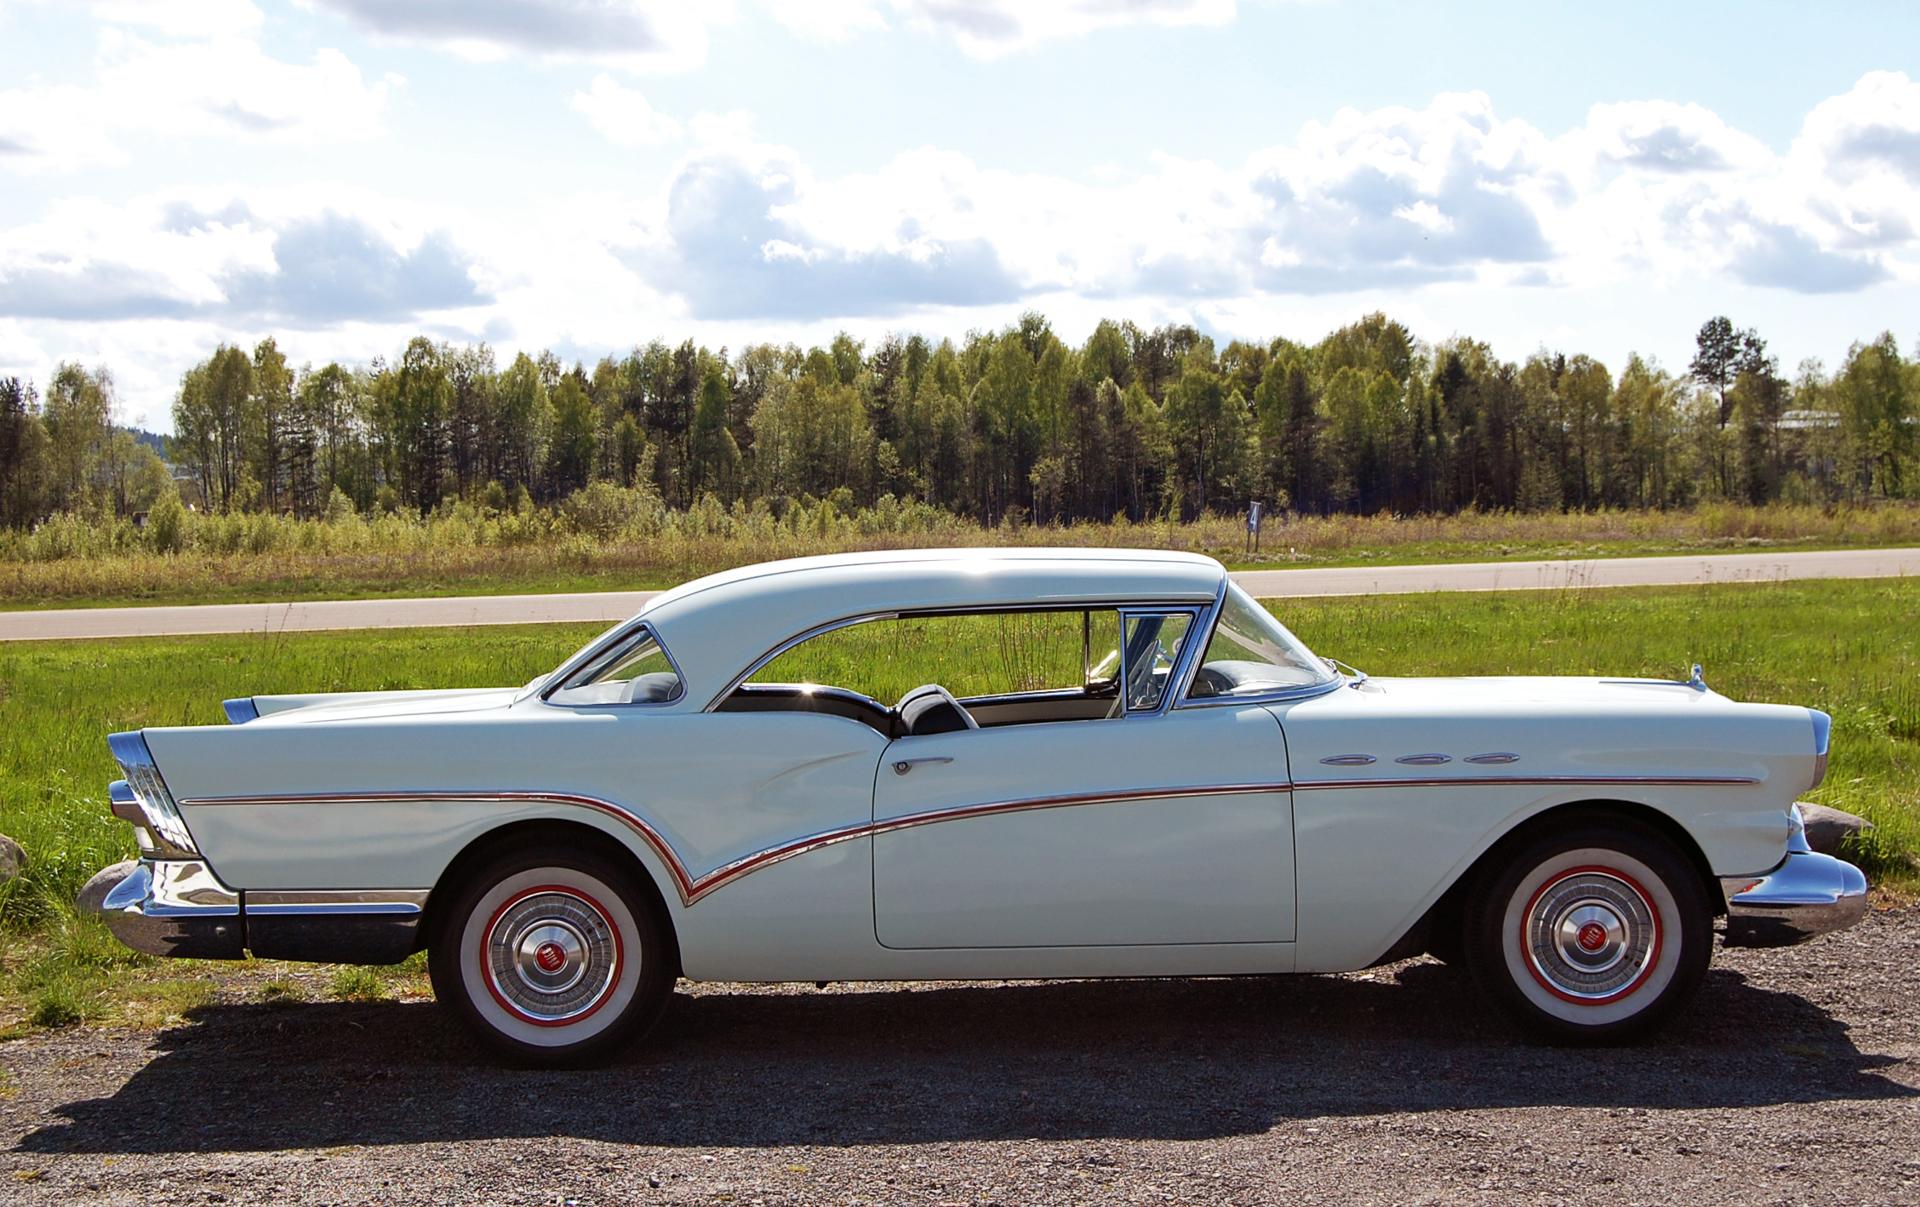 183-1957 Buick Special 02. Eier- medlem 183 Ulf Gr